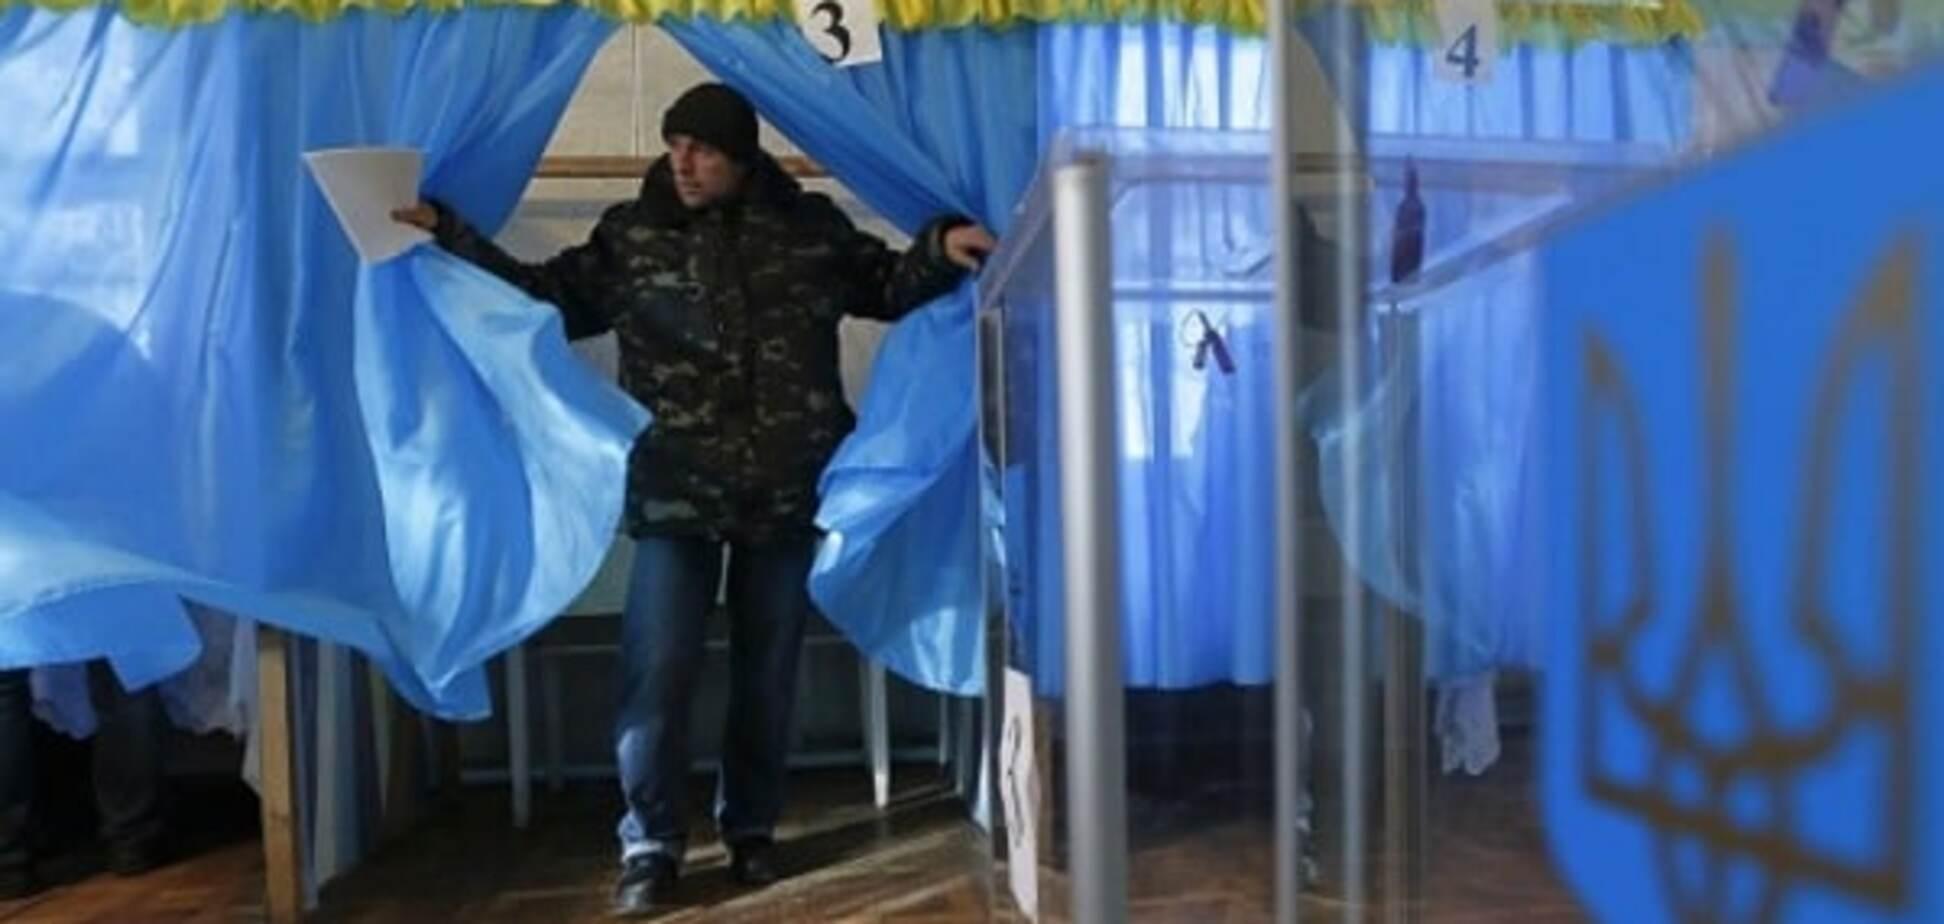 Тандіт оцінив можливість проведення виборів на Донбасі до кінця 2016 року